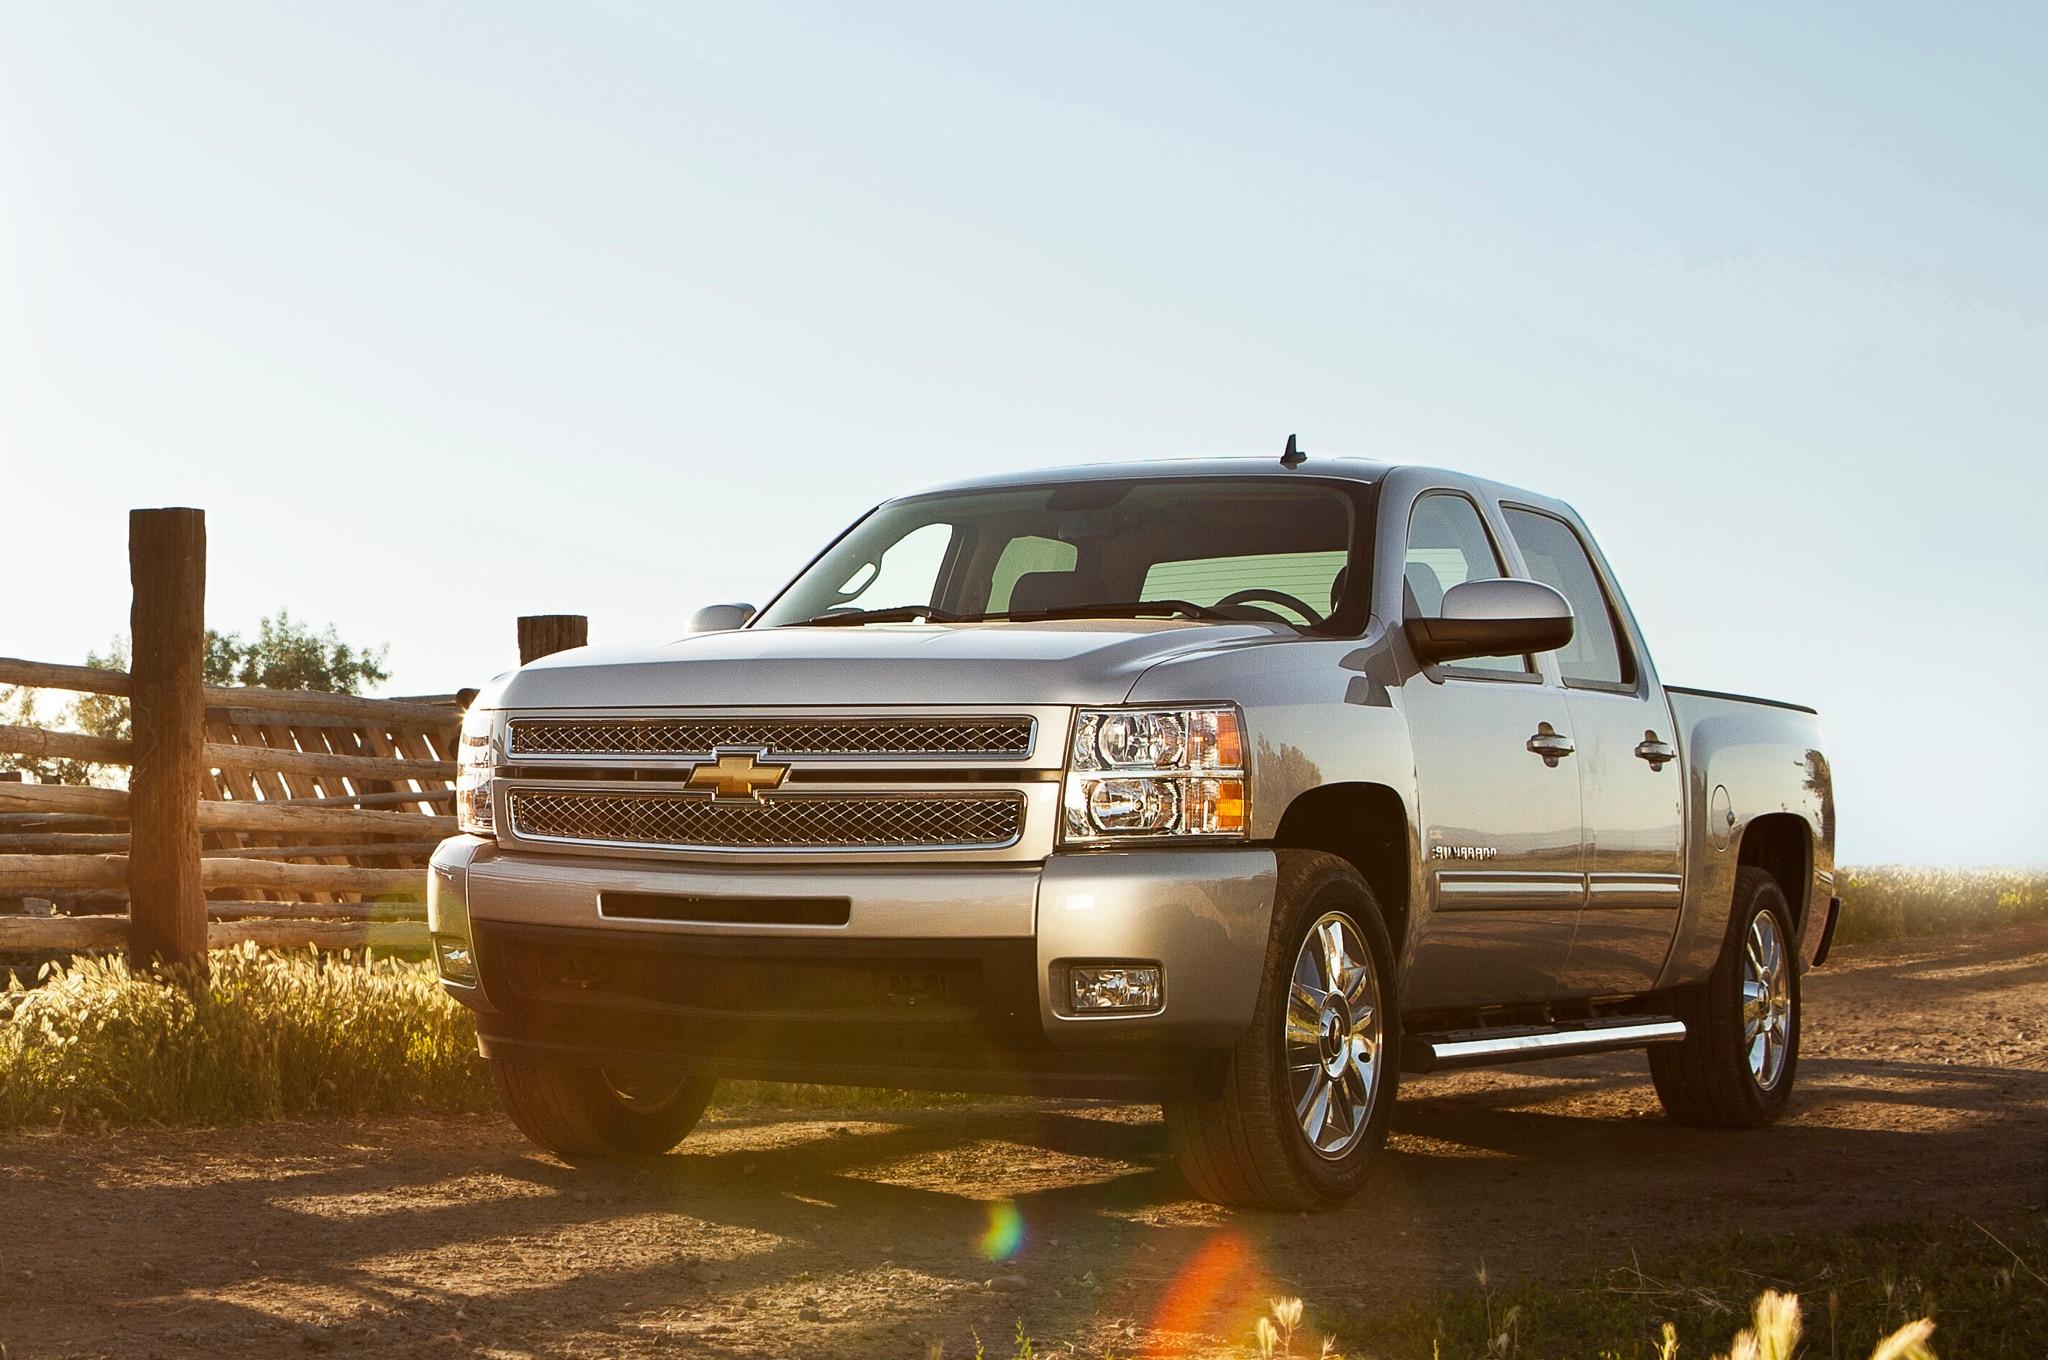 2015 Chevrolet Silverado Custom Adds 20 Inch Wheels